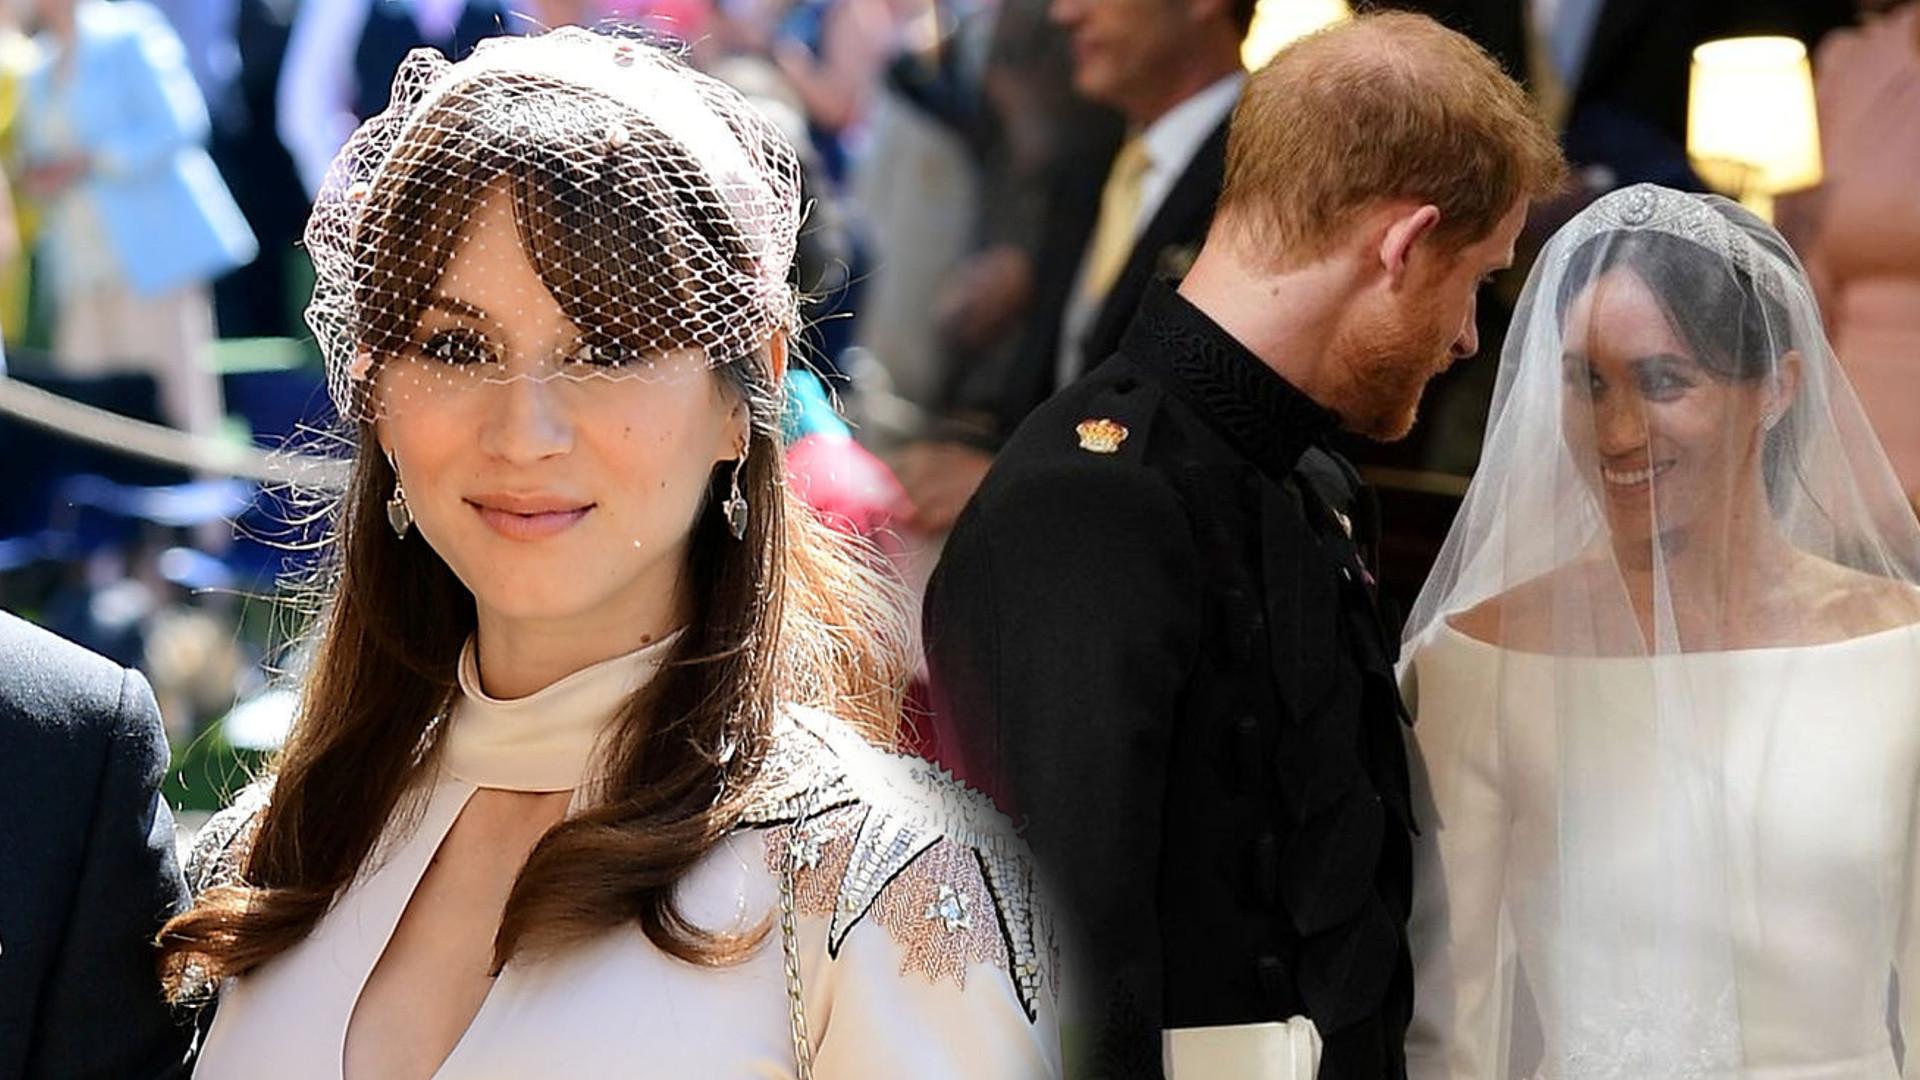 Aktorka będąca gościem na ślubie Meghan i Harry'ego ma złe wspomnienia związane z uroczystością: To był KOSZMAR